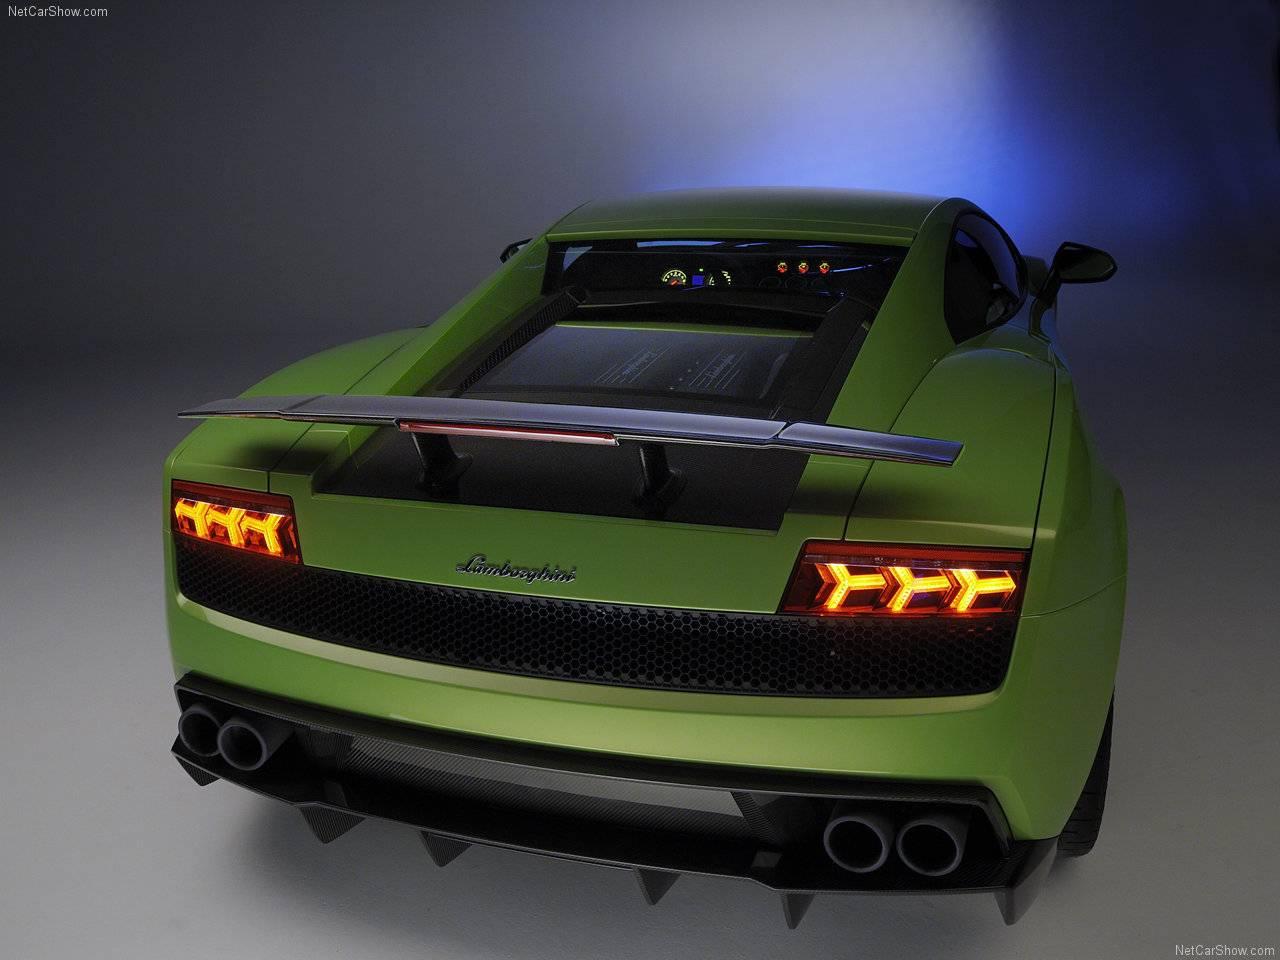 http://1.bp.blogspot.com/_lsyt_wQ2awY/TDioqmAwQmI/AAAAAAAB8_U/T003ruNkoaU/s1600/Lamborghini-Gallardo_LP570-4_Superleggera_2011_1280x960_wallpaper_08.jpg